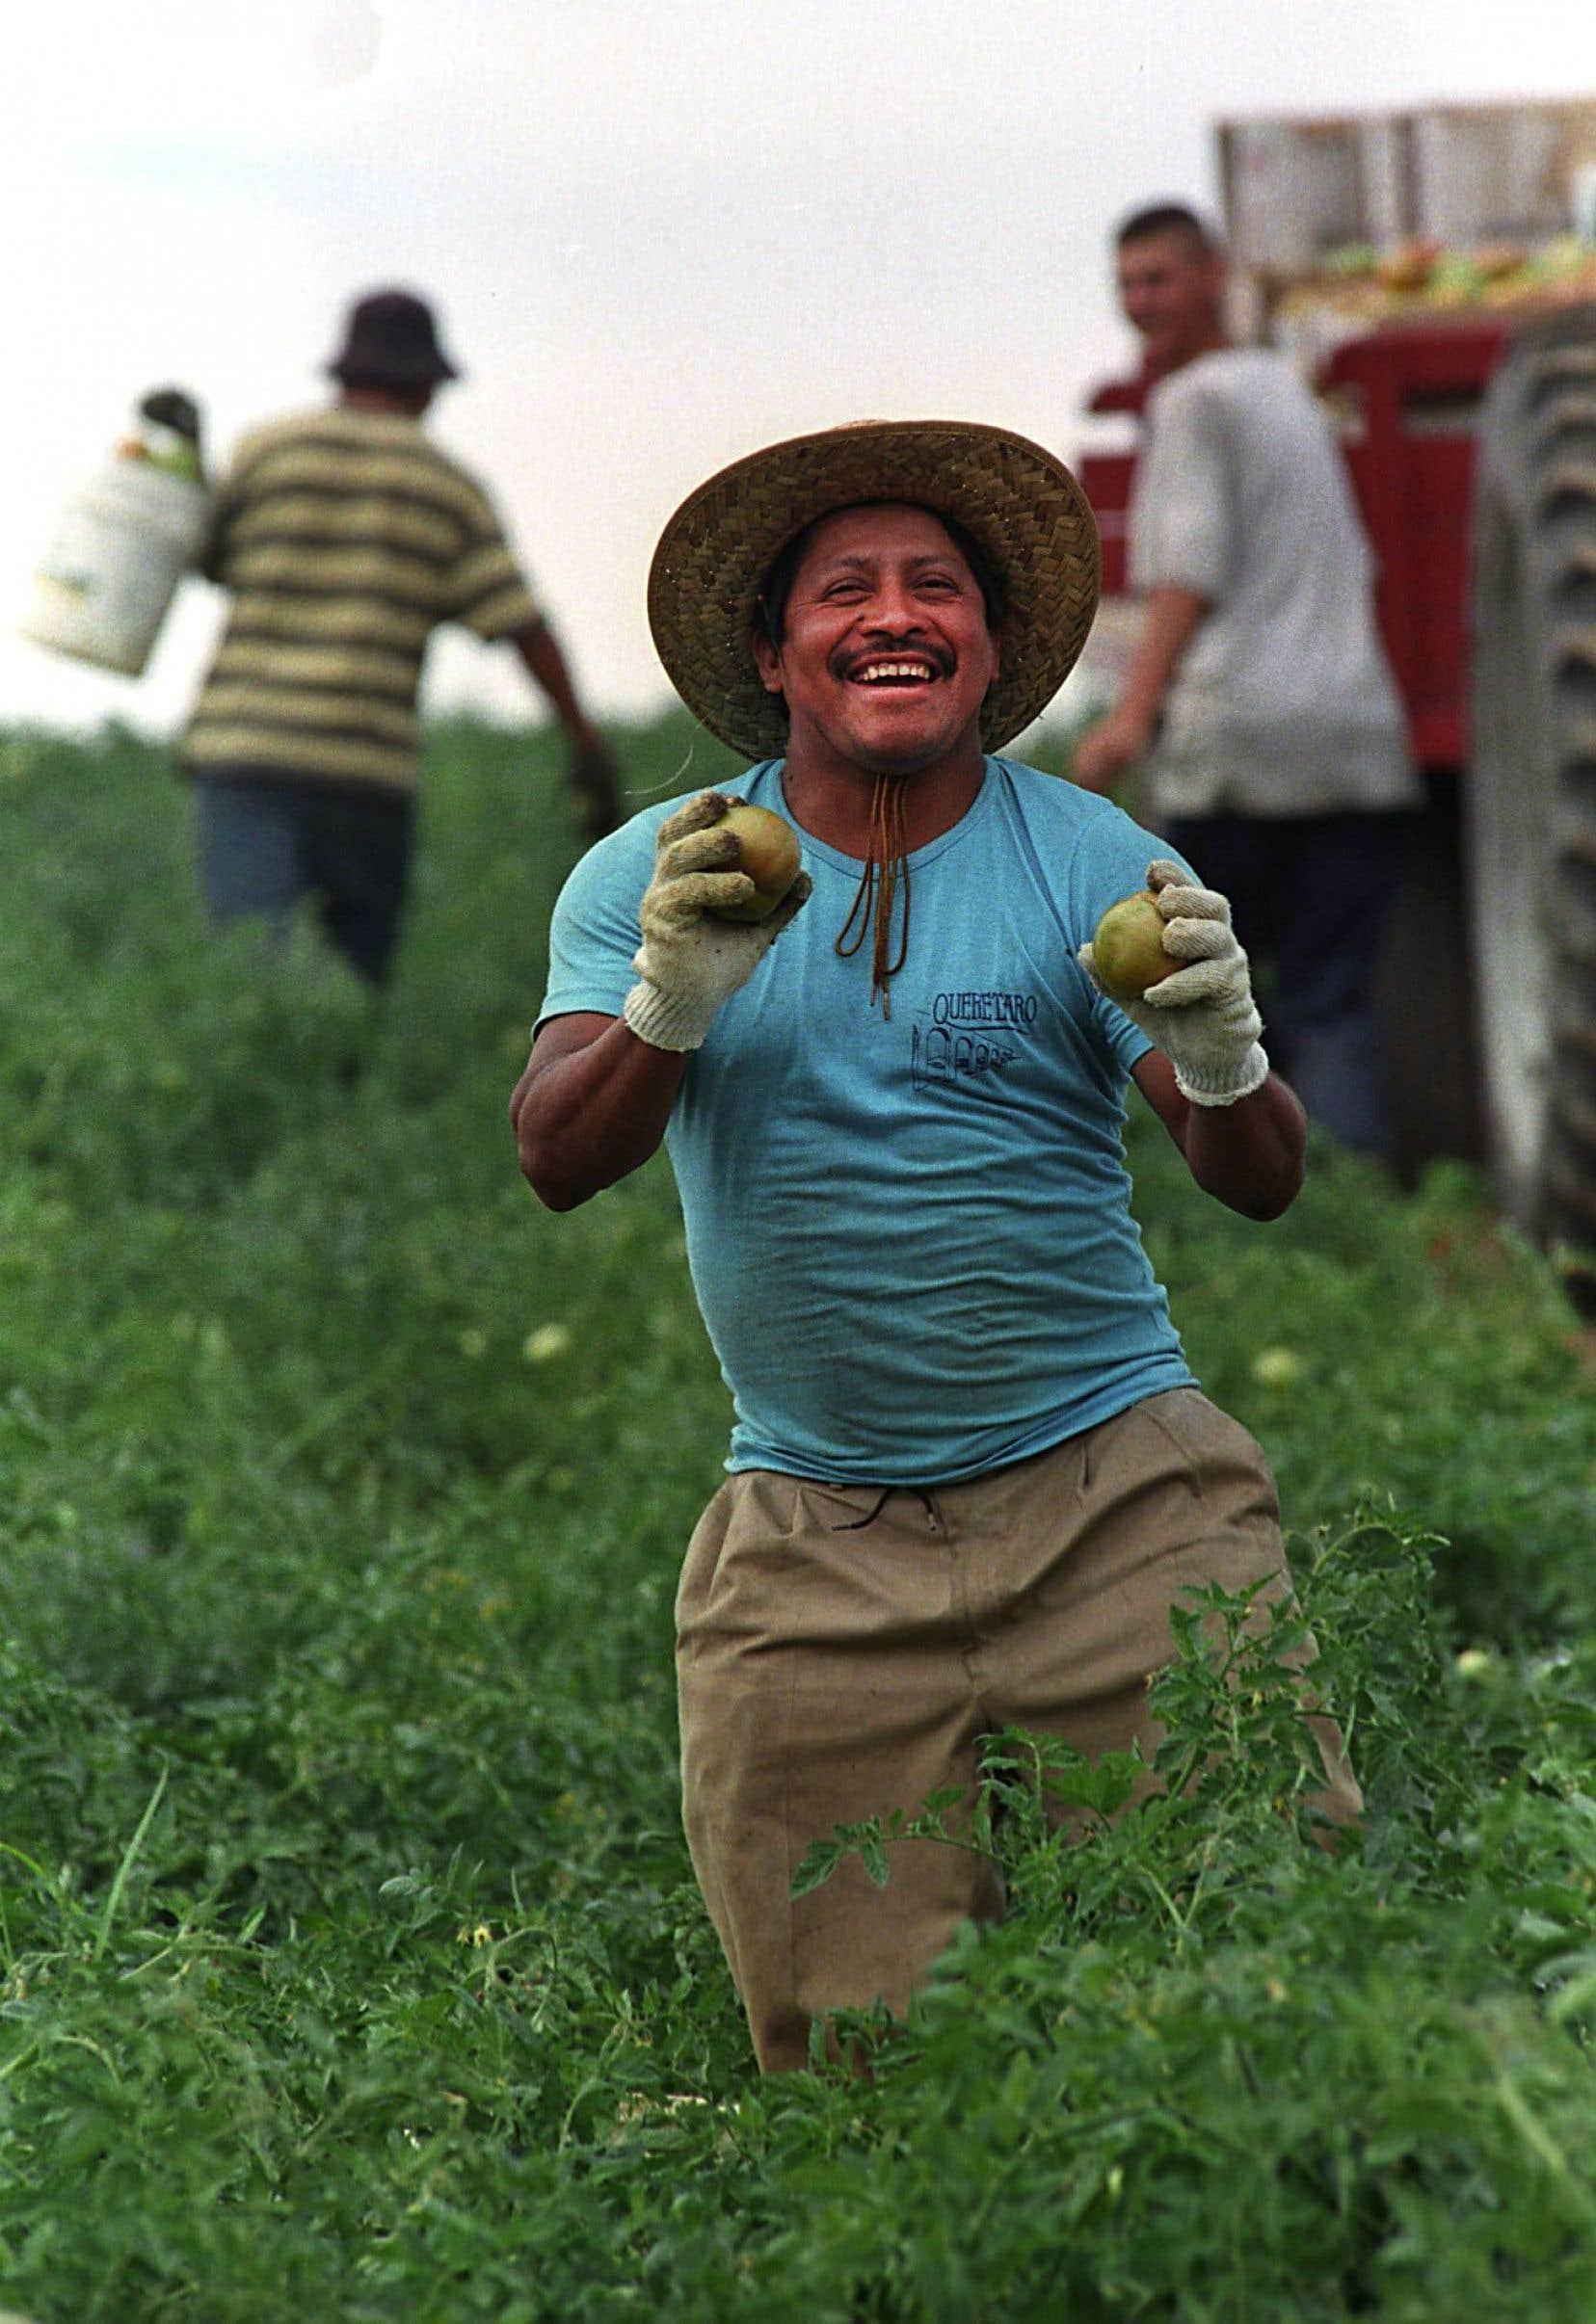 Chaque été, des hommes et des femmes venus du Mexique, du Guatemala, du Honduras ou des Antilles participent aux récoltes chez les agriculteurs québécois, des emplois que la main-d'œuvre locale boude.